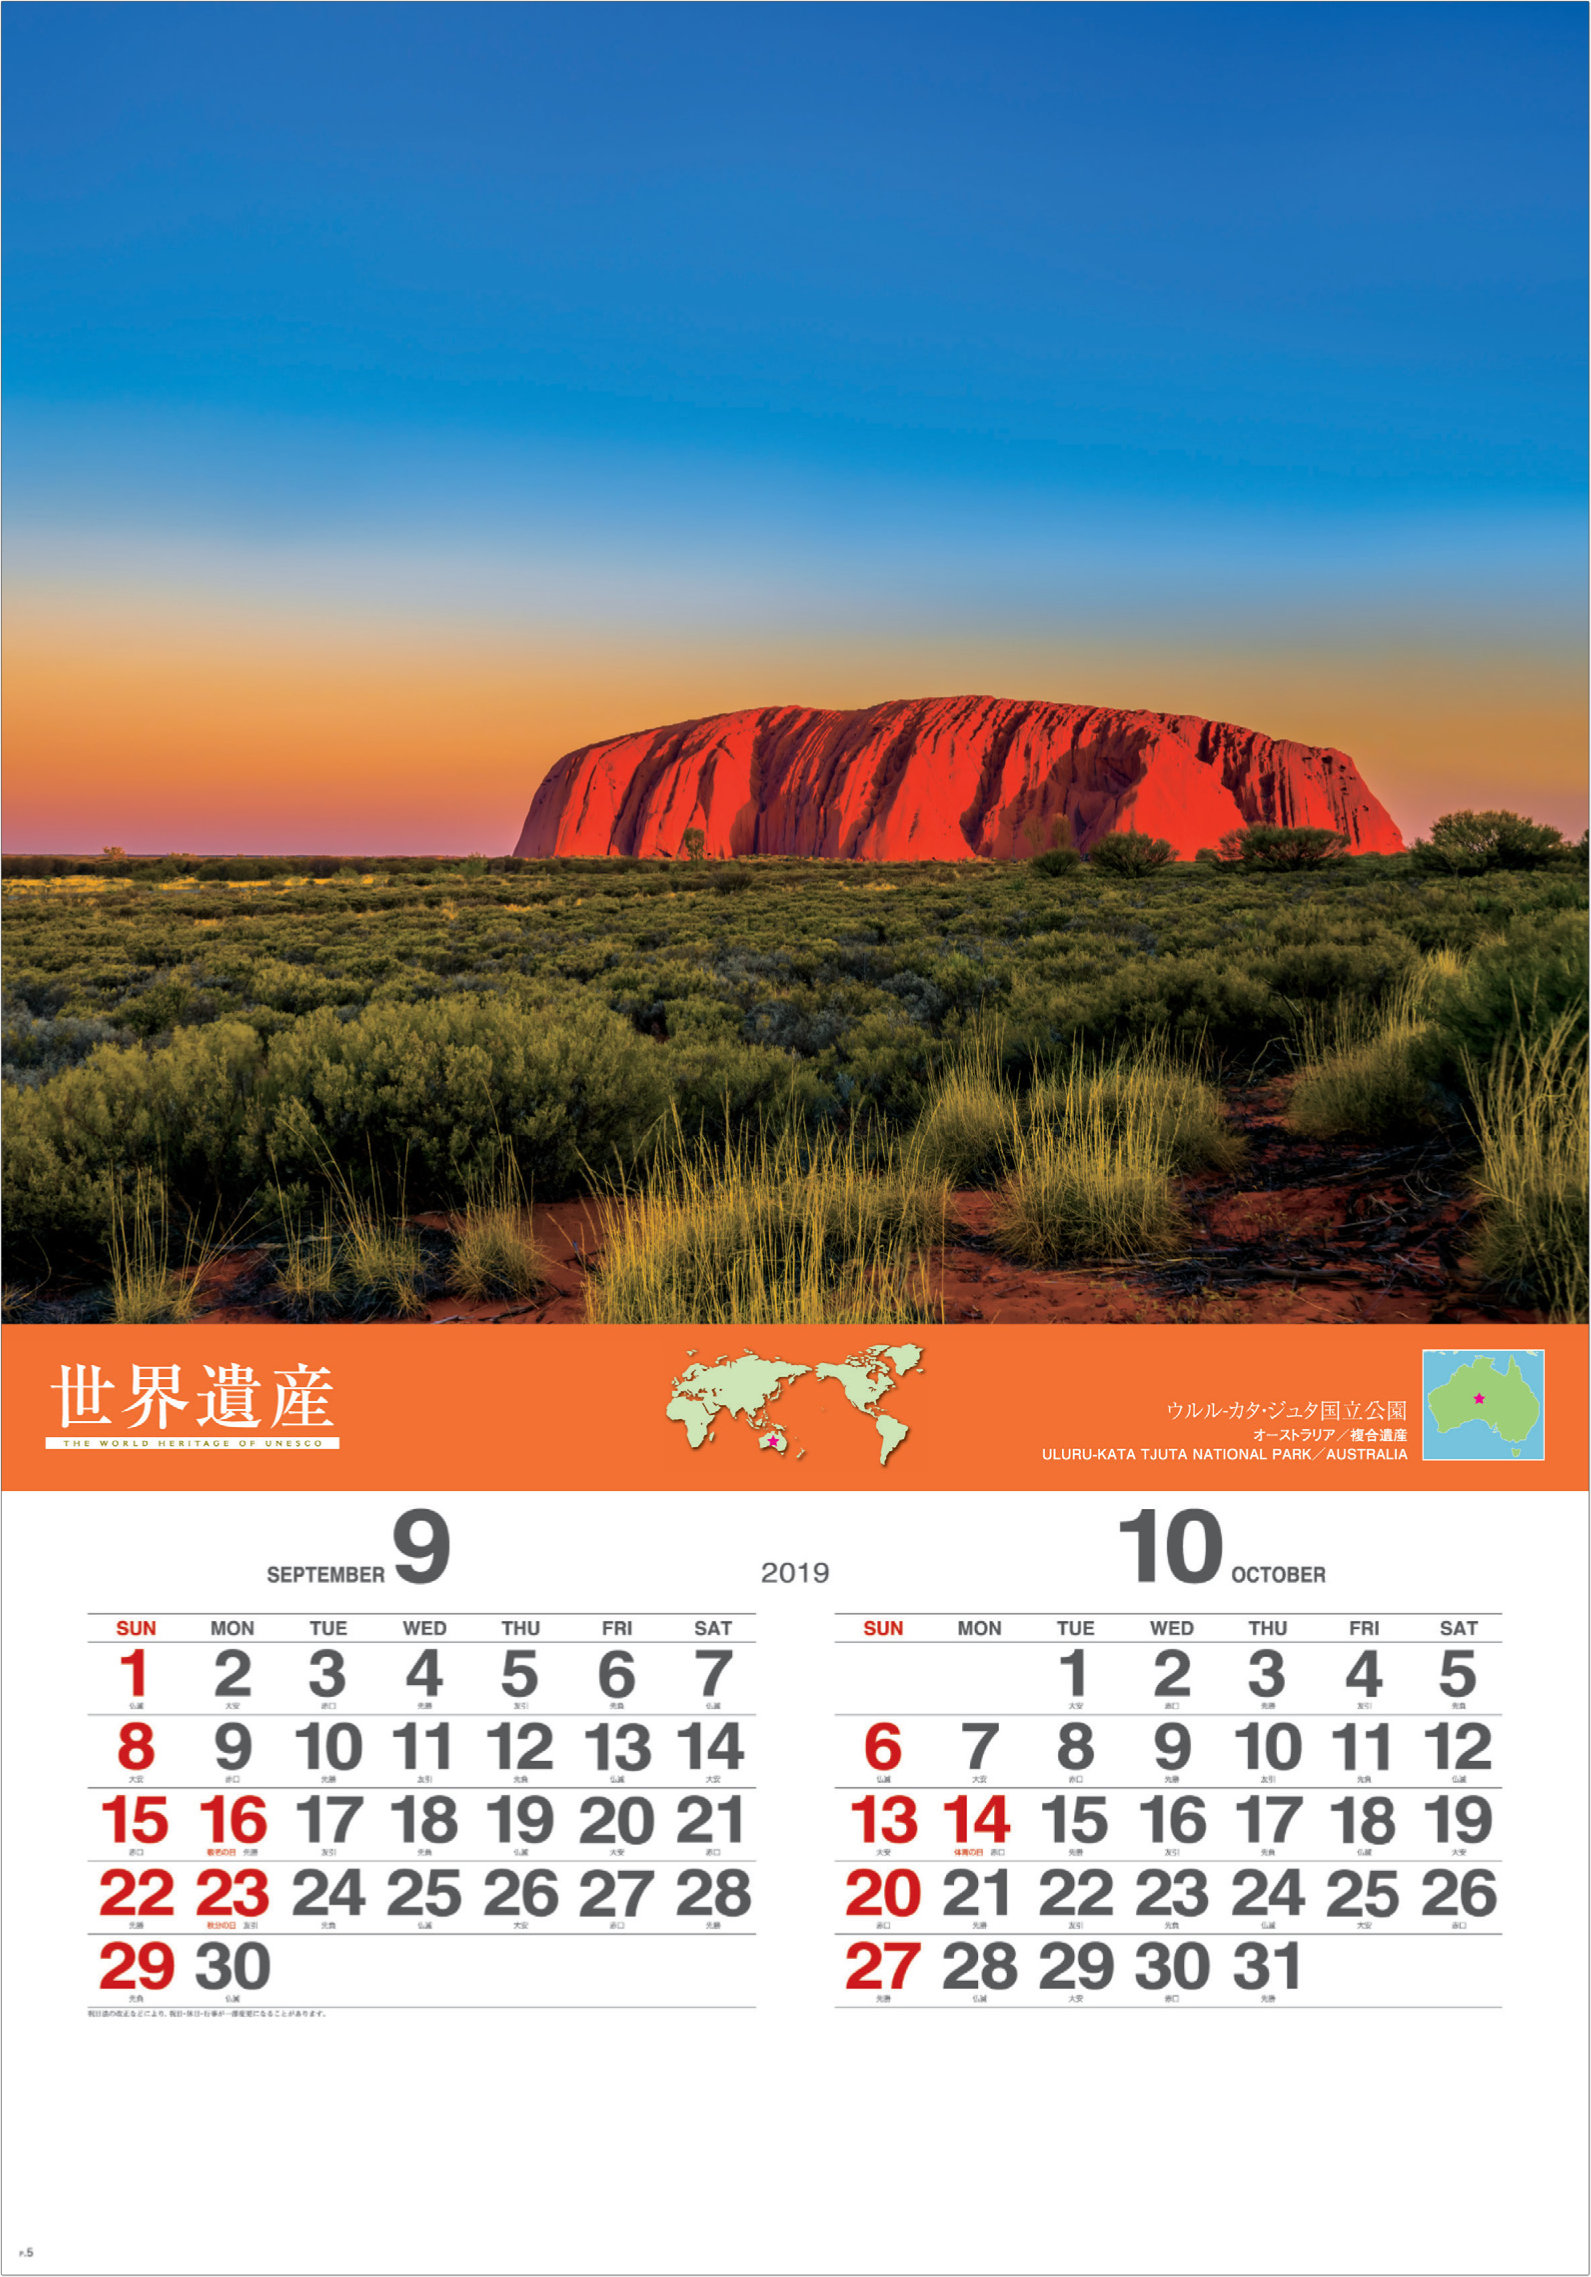 画像:オーストラリアの世界遺産「ウルル・カタ・ジュタ国立公園」 ユネスコ世界遺産(フィルムカレンダー) 2019年カレンダー